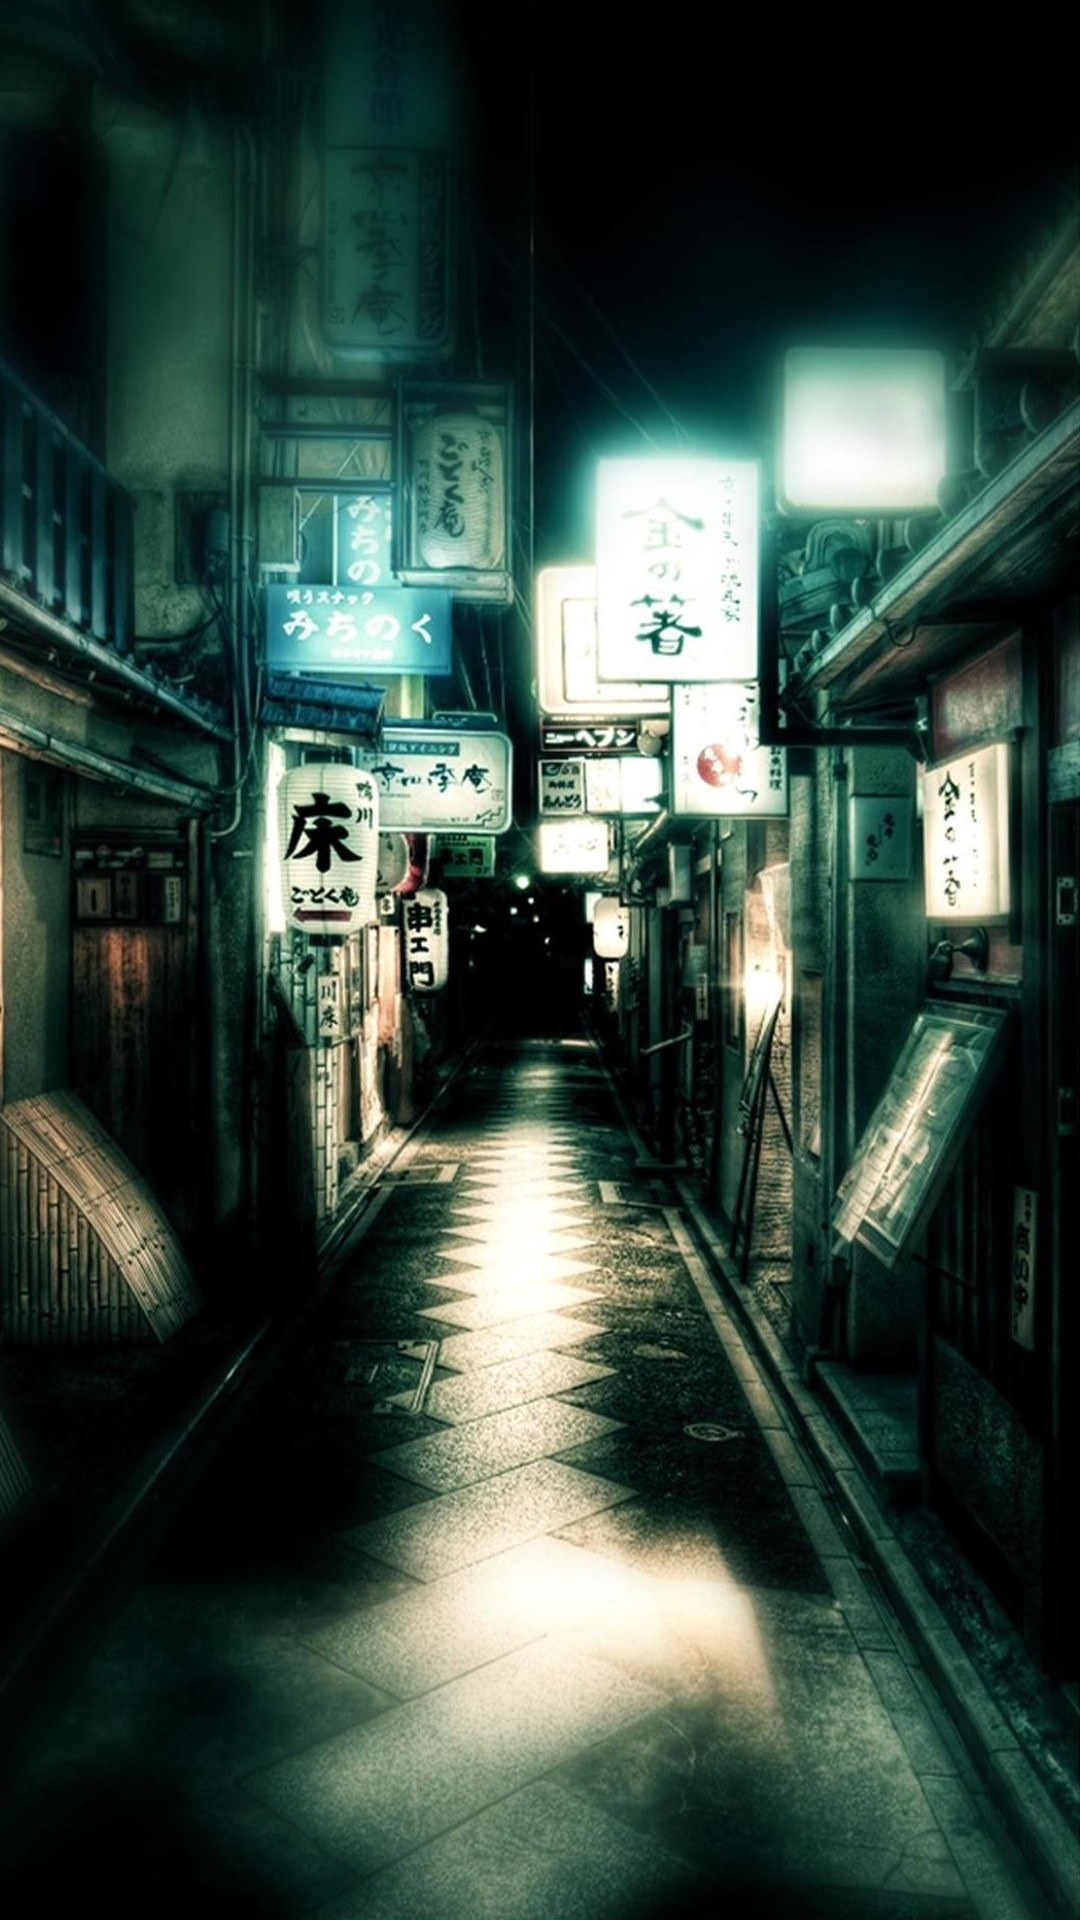 Japan Dark Street iPhone 6 Plus HD Wallpaper iPod Wallpaper HD 1080x1920